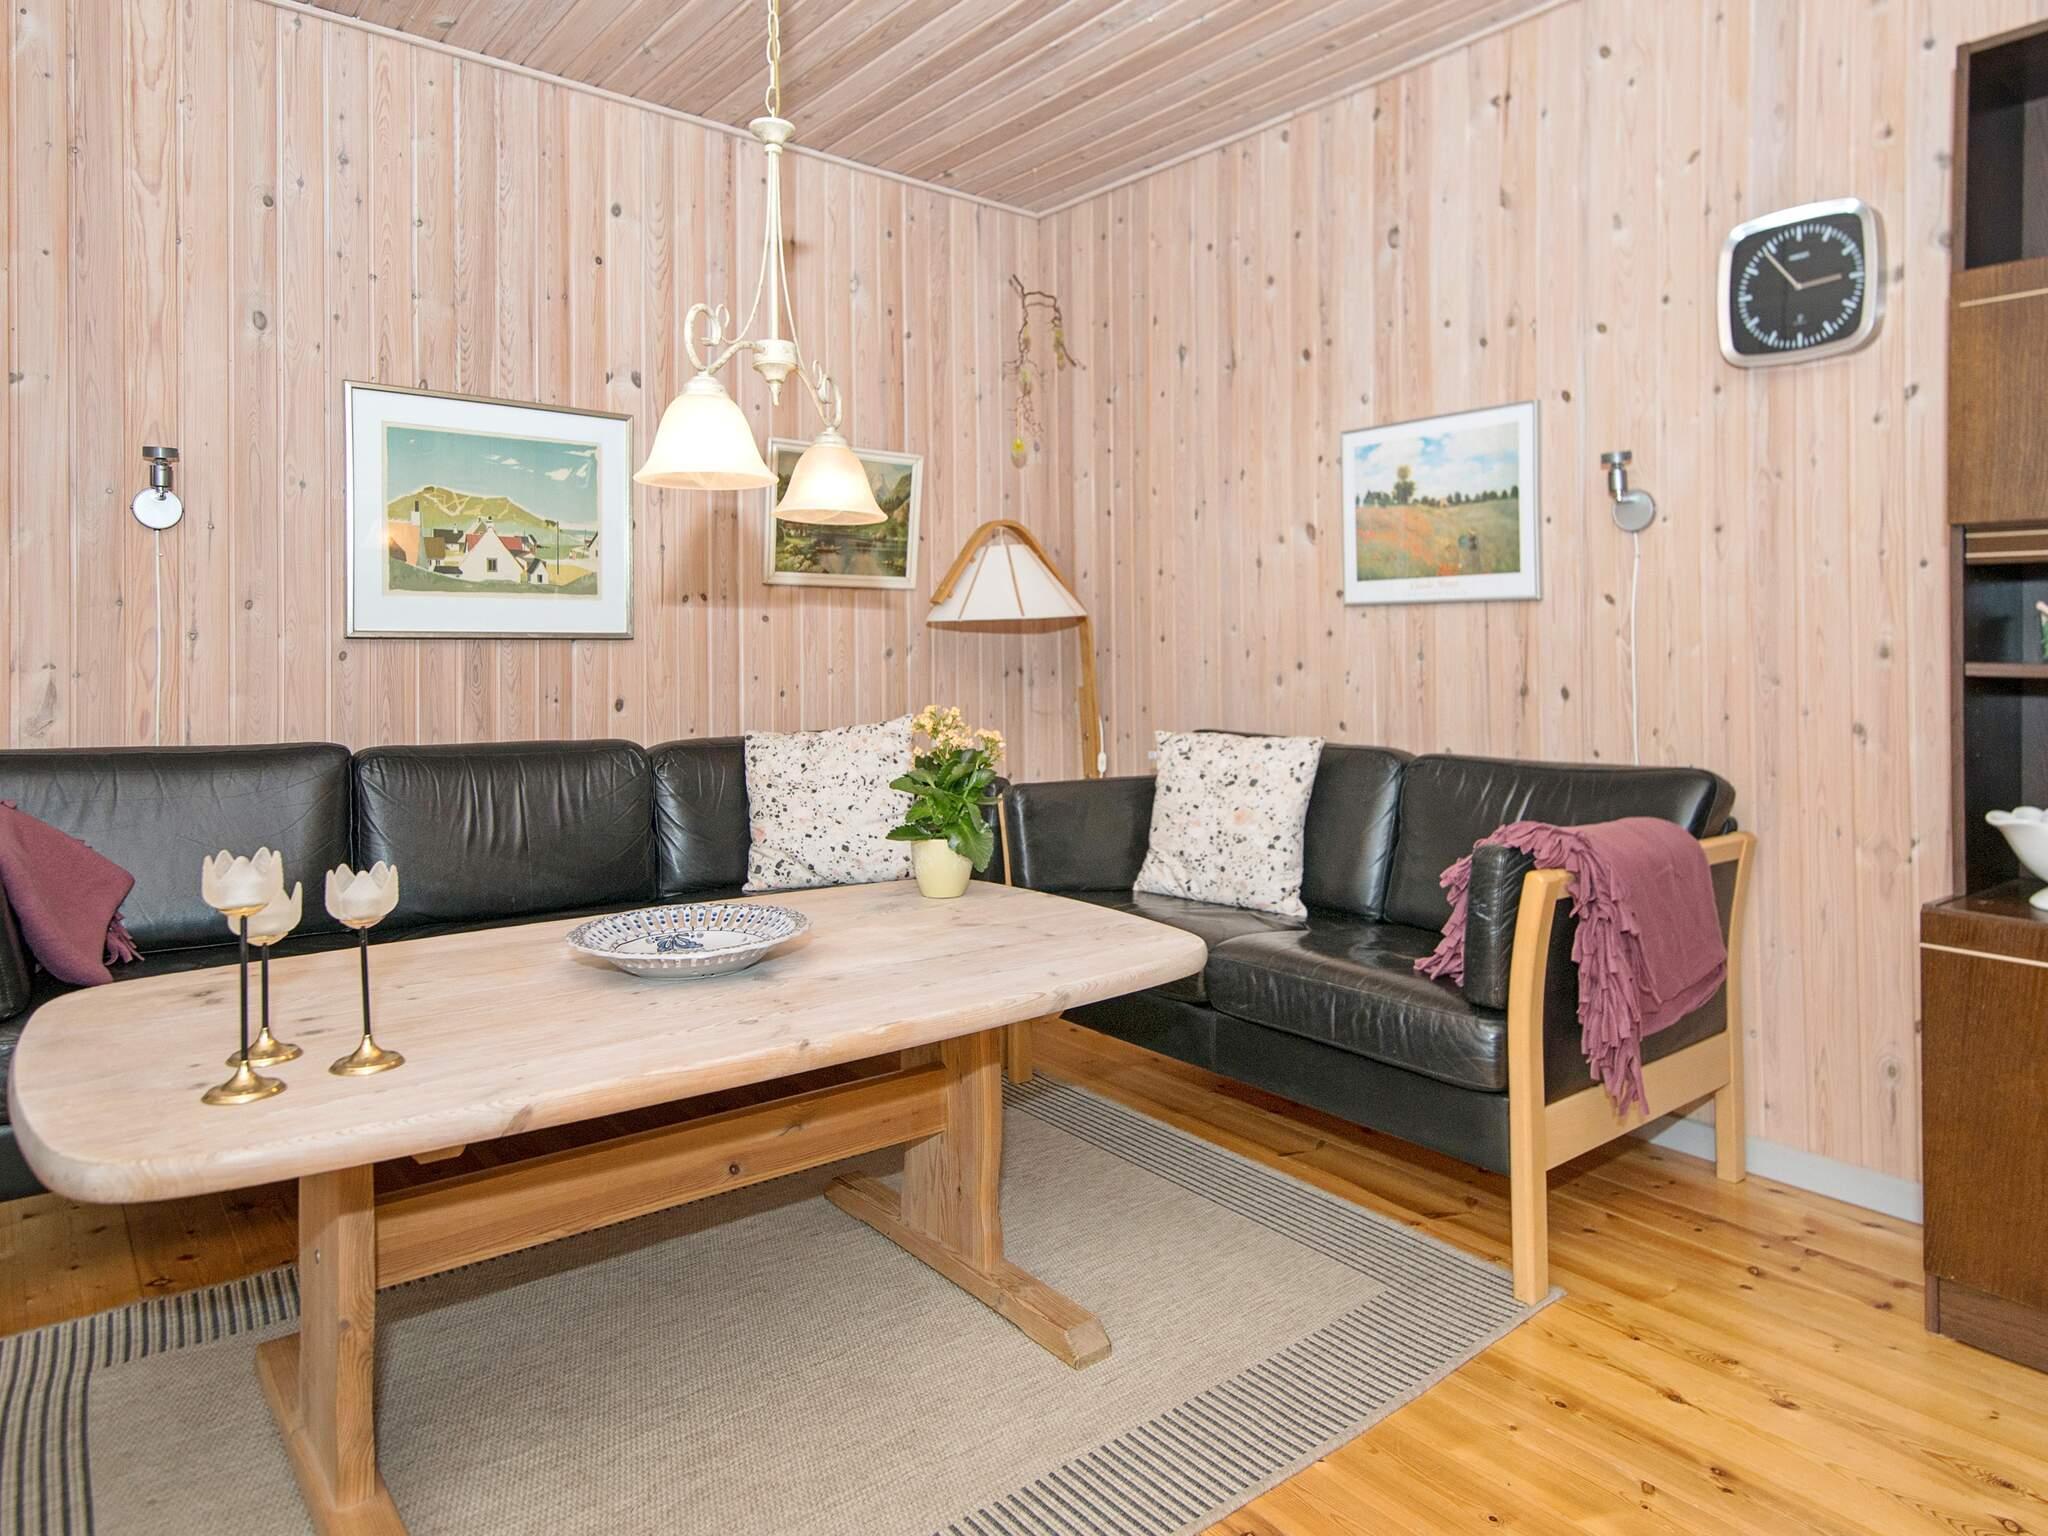 Ferienhaus Silkeborg (2355202), Silkeborg, , Ostjütland, Dänemark, Bild 22